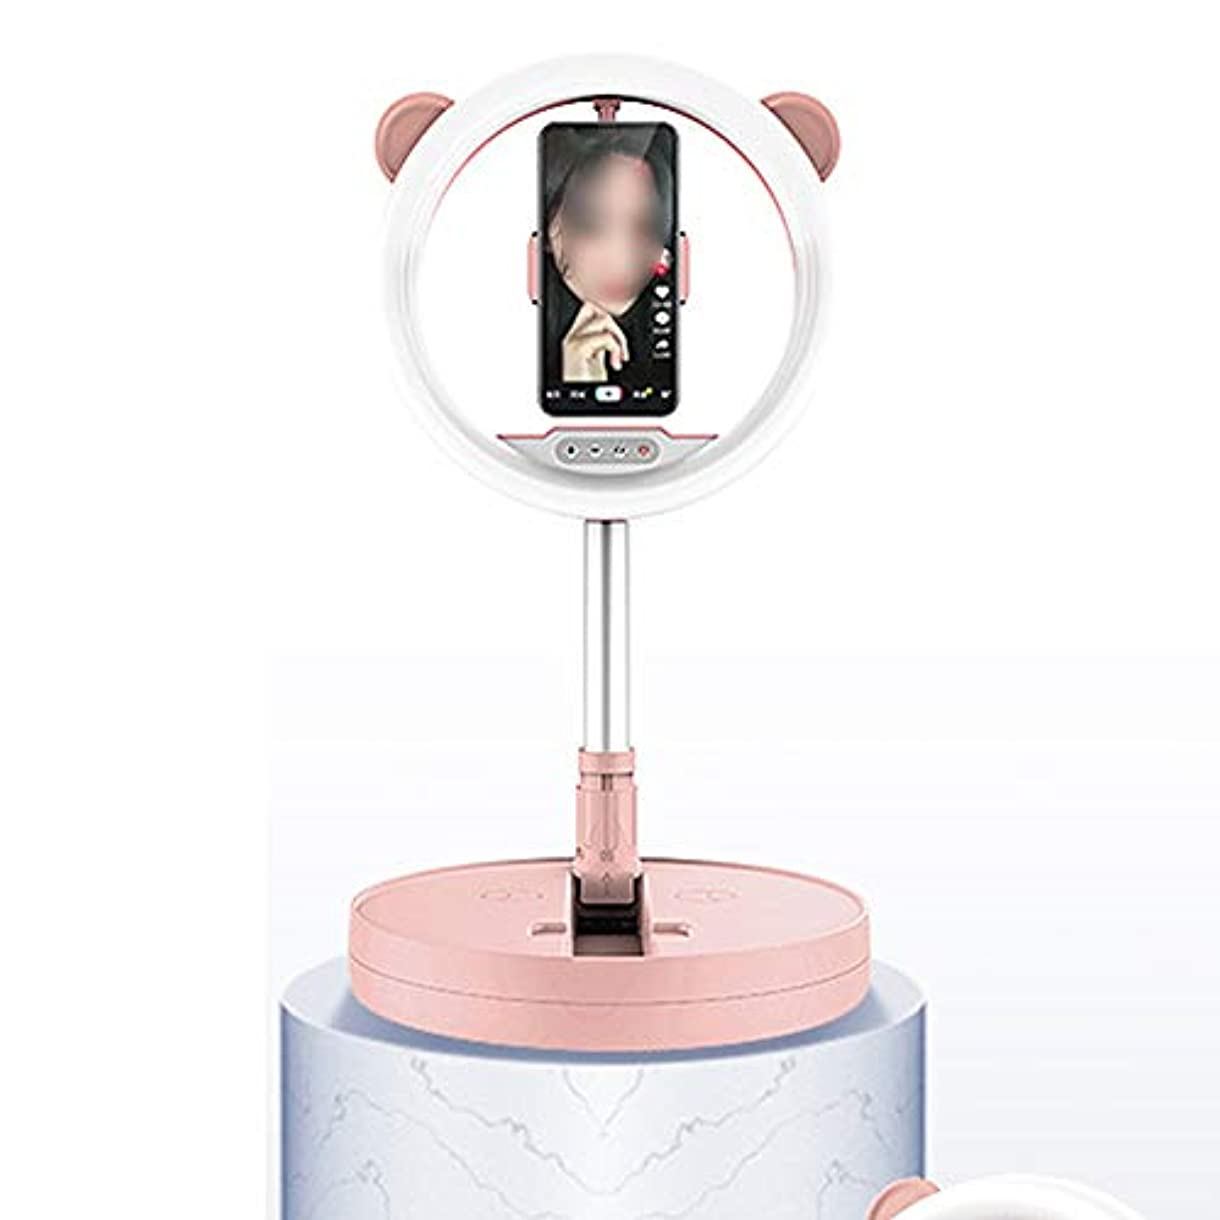 純粋なハードリングブレースリングライト LEDリングライト 三脚とLEDリング照明ポータブルリング光調光リング照明は、動画ブログのための調光3の光モード自分撮りリングライト、メイクスタンド 組立て簡単 収納省スペース 携帯便利 撮影用 (Color : Pink, Size : One size)